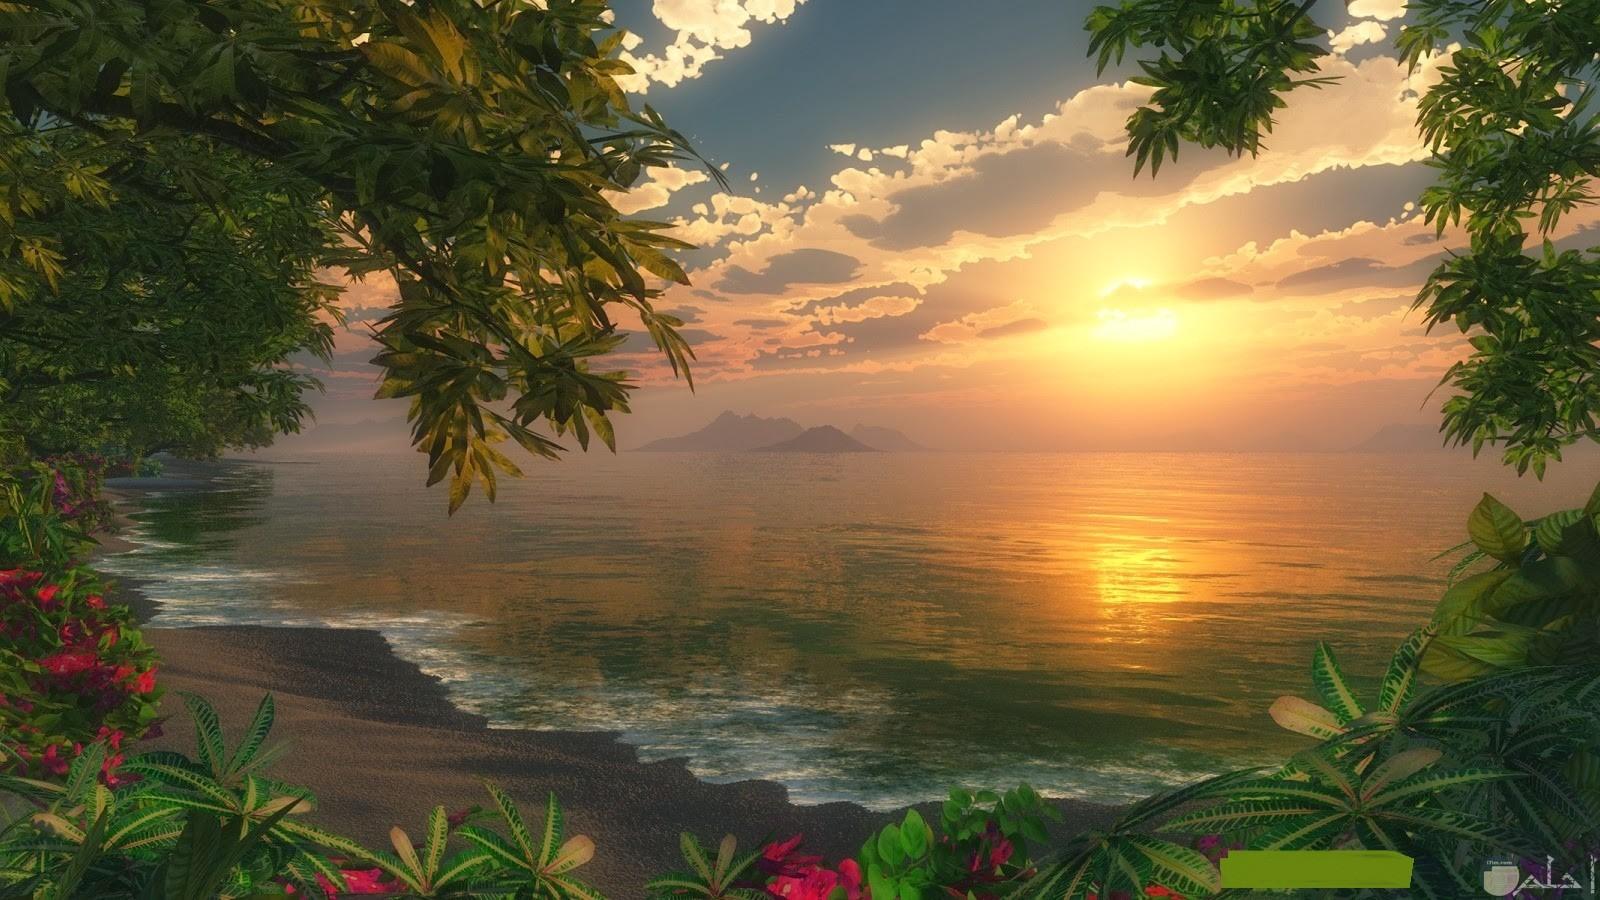 صورة للحظة بزوغ الشروق الشمسى.